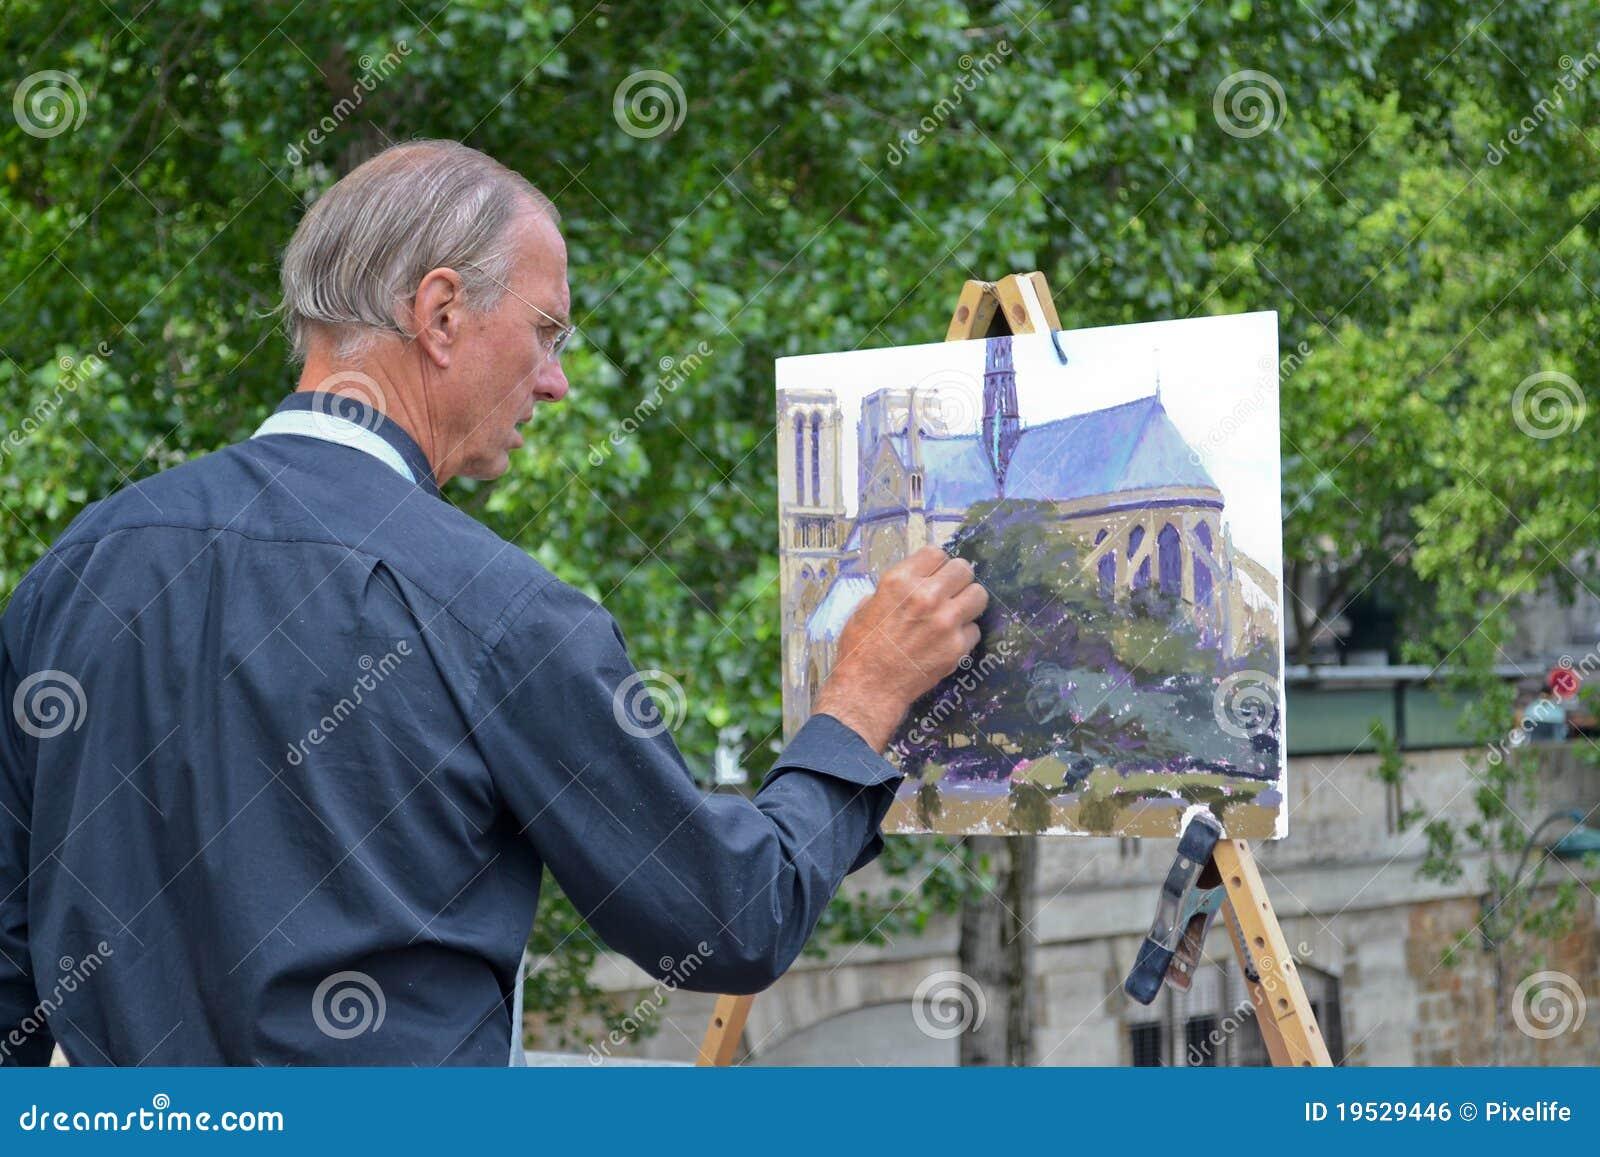 kunstenaar schilder